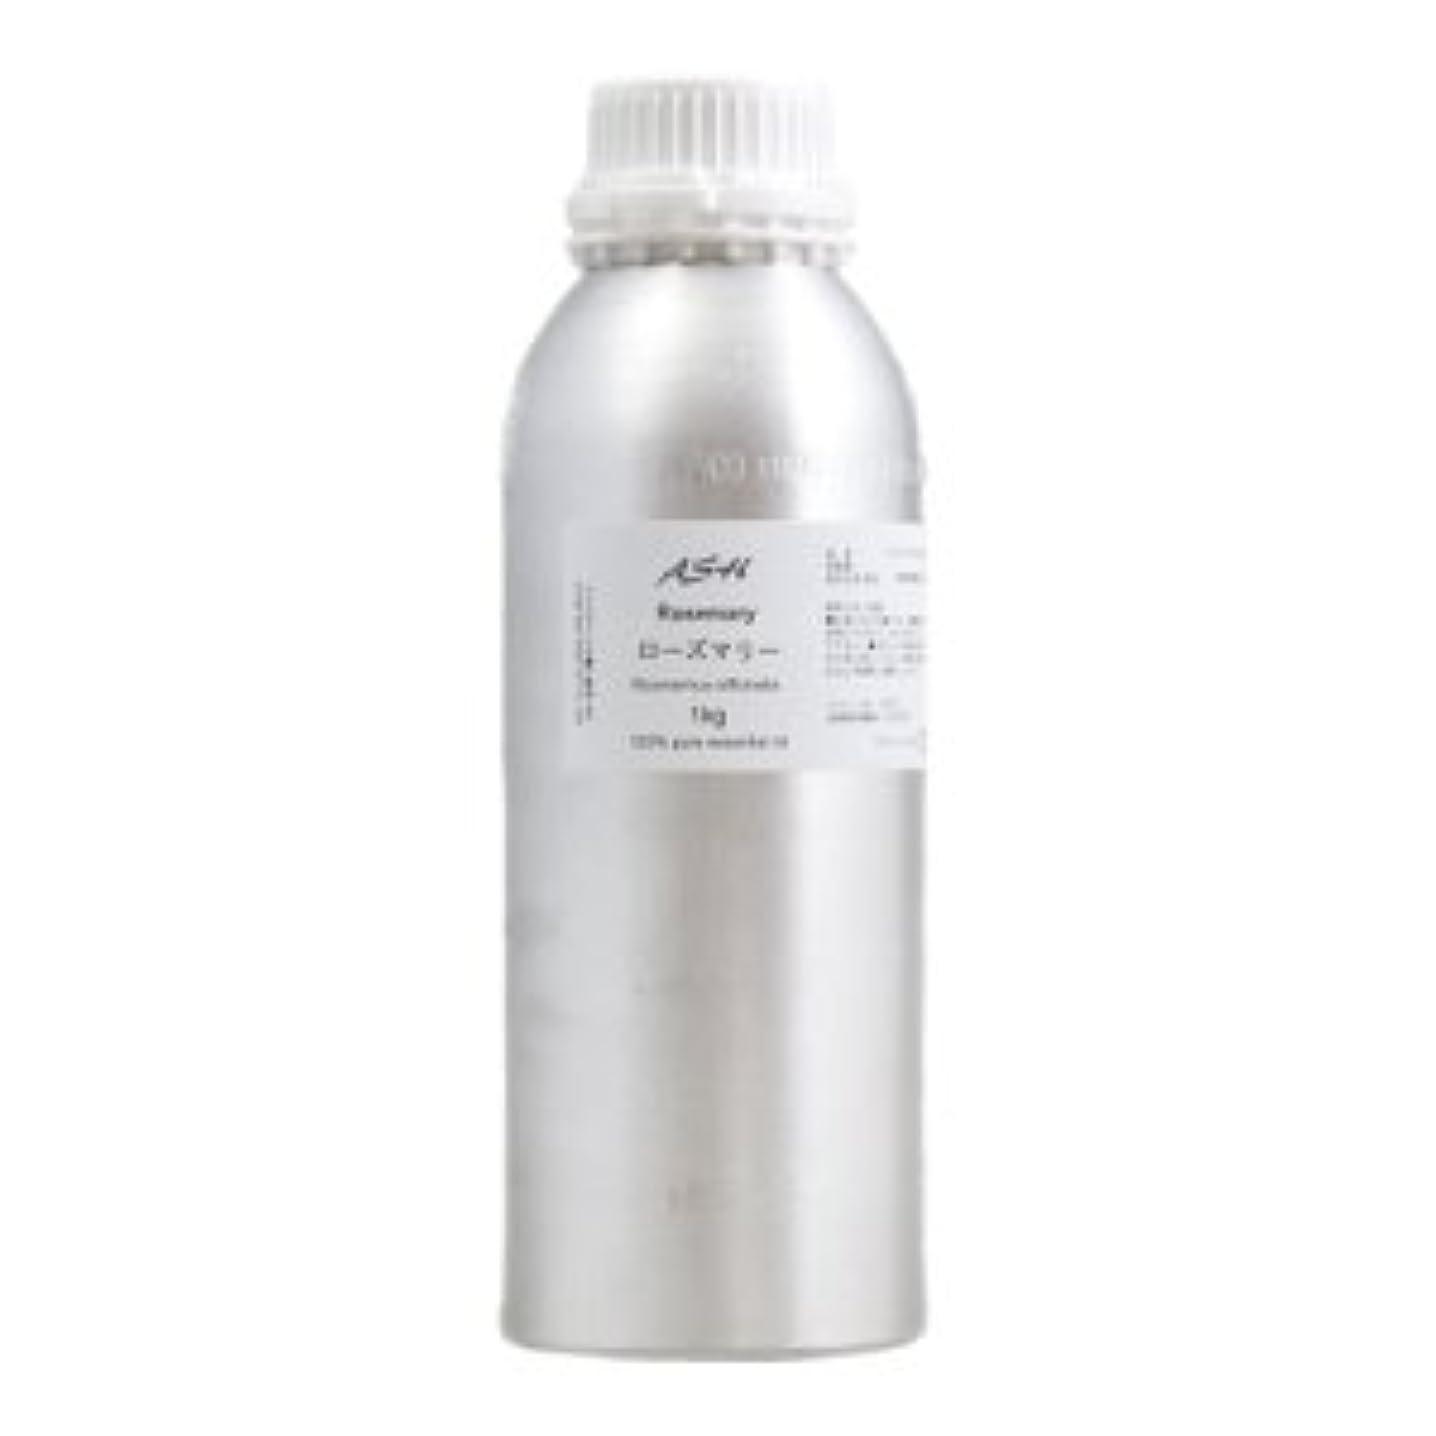 多様性ブラウン豚ASH ローズマリー (CTカンファー) エッセンシャルオイル 業務用1kg AEAJ表示基準適合認定精油